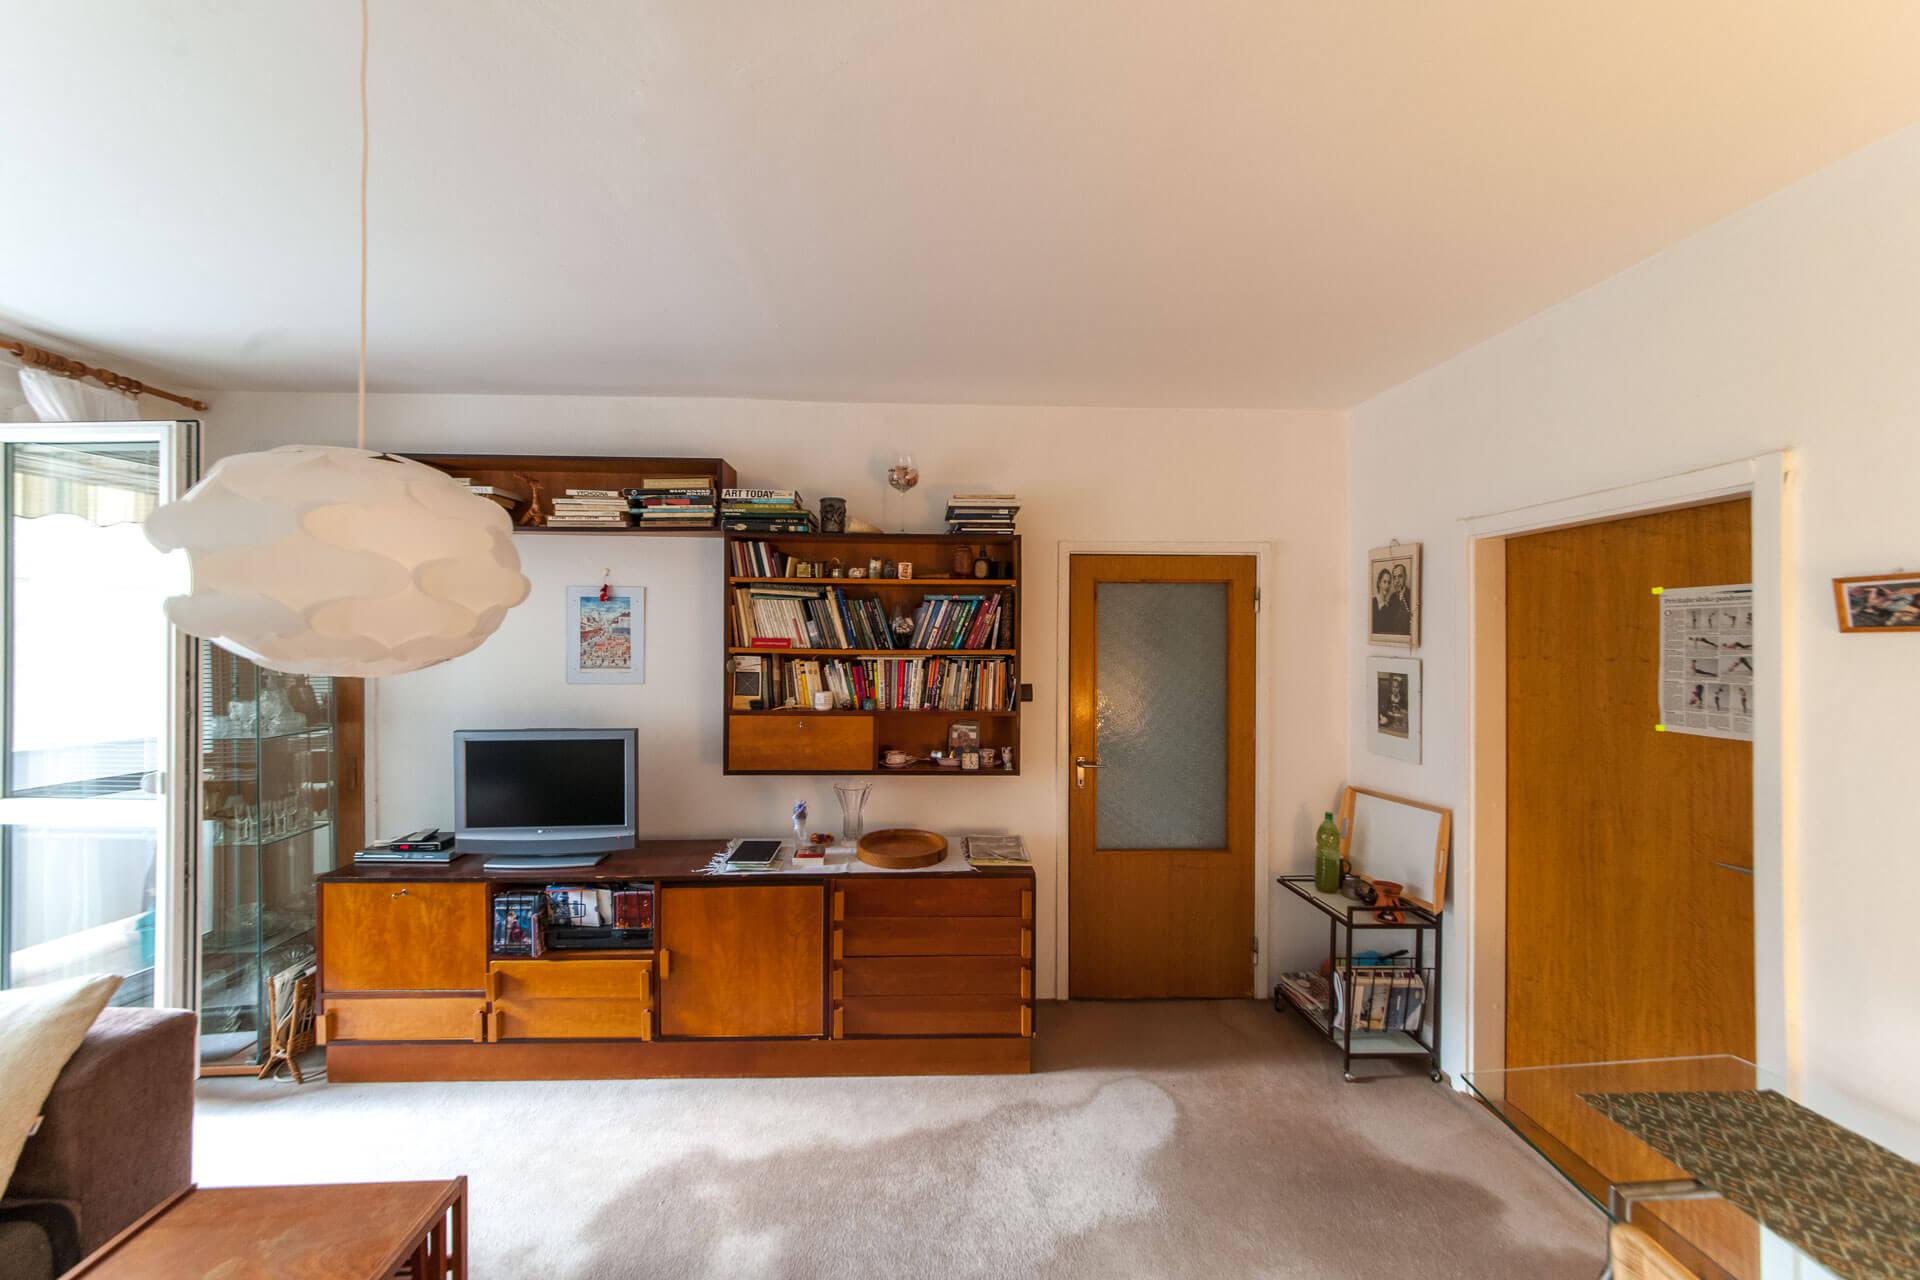 Predané – 4 izbový byt po čiastočnej rekonštrukcii s krásnym výhľadom 73m2 + 4m2 loggia-0